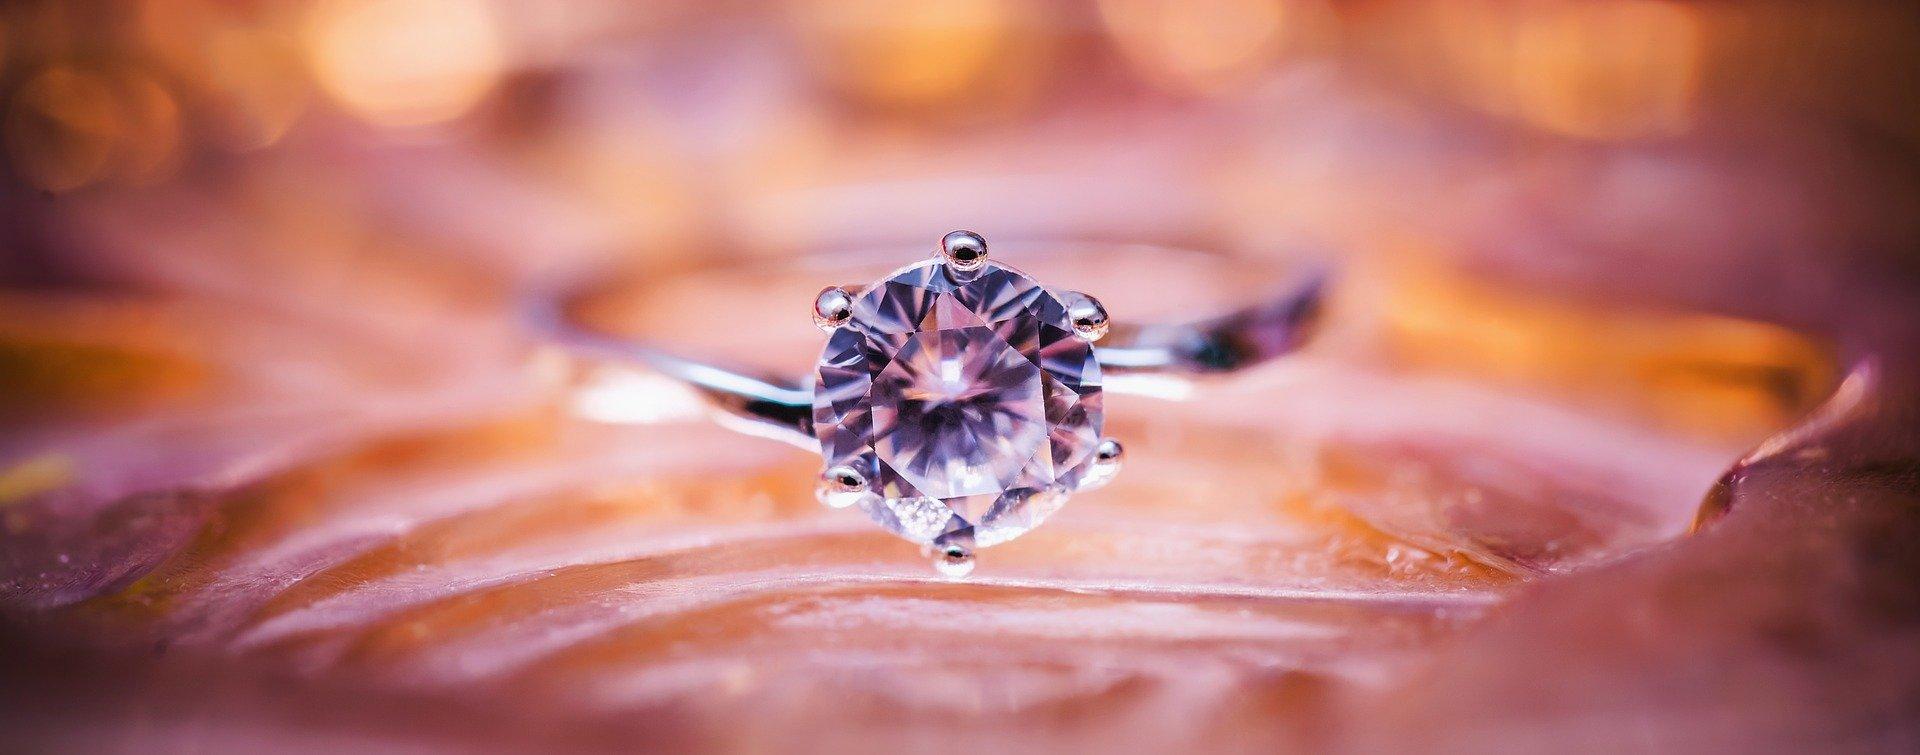 diamond-1839031_1920